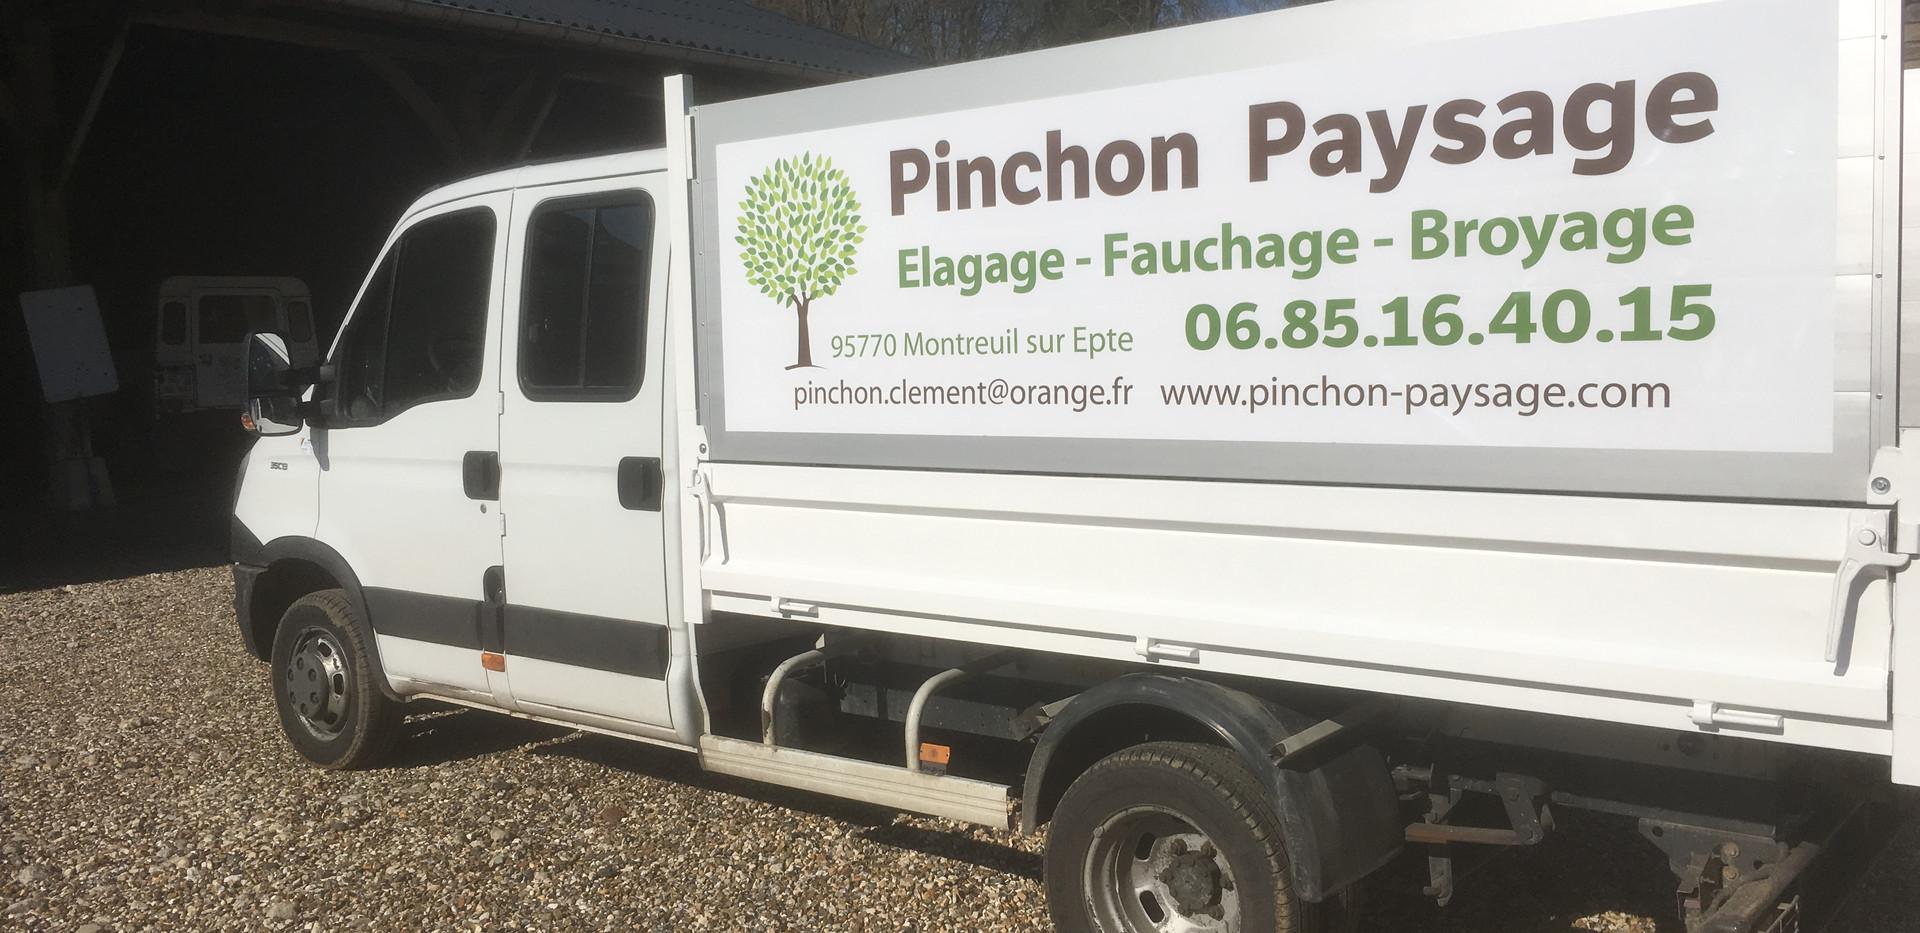 Camion Pinchon Paysage.